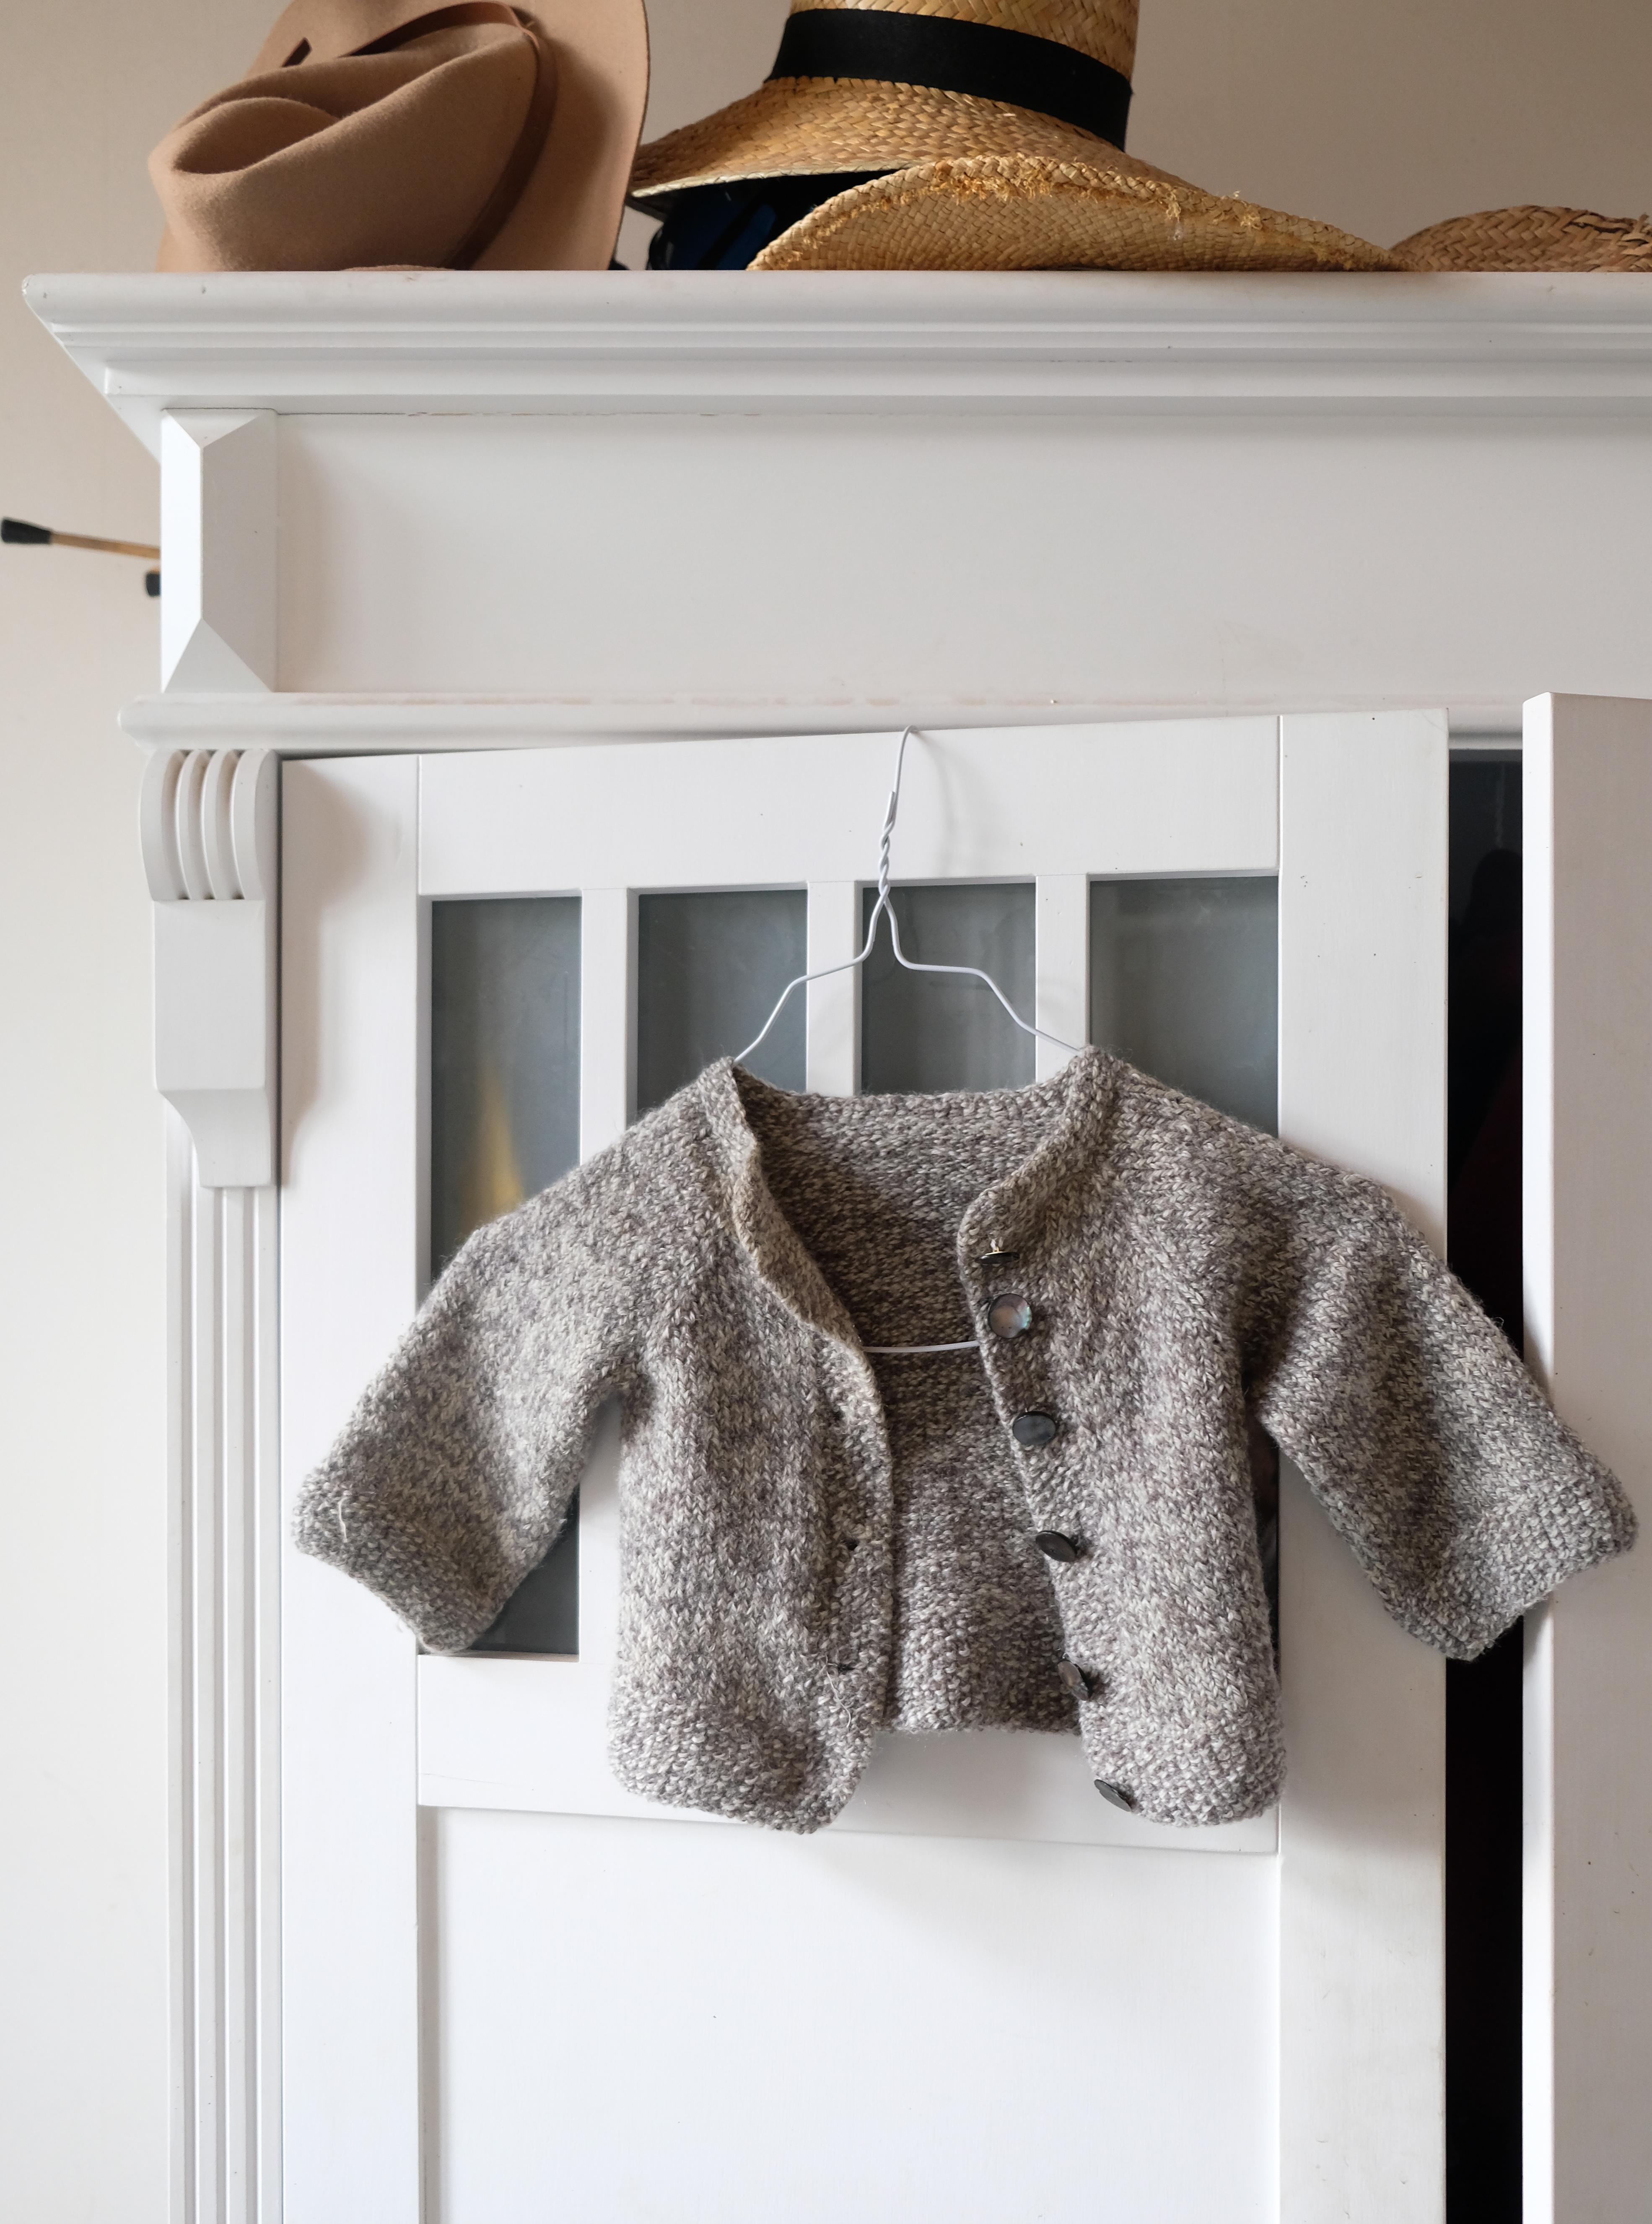 Wollpullover zu heiß gewaschen, Wolle pflegen